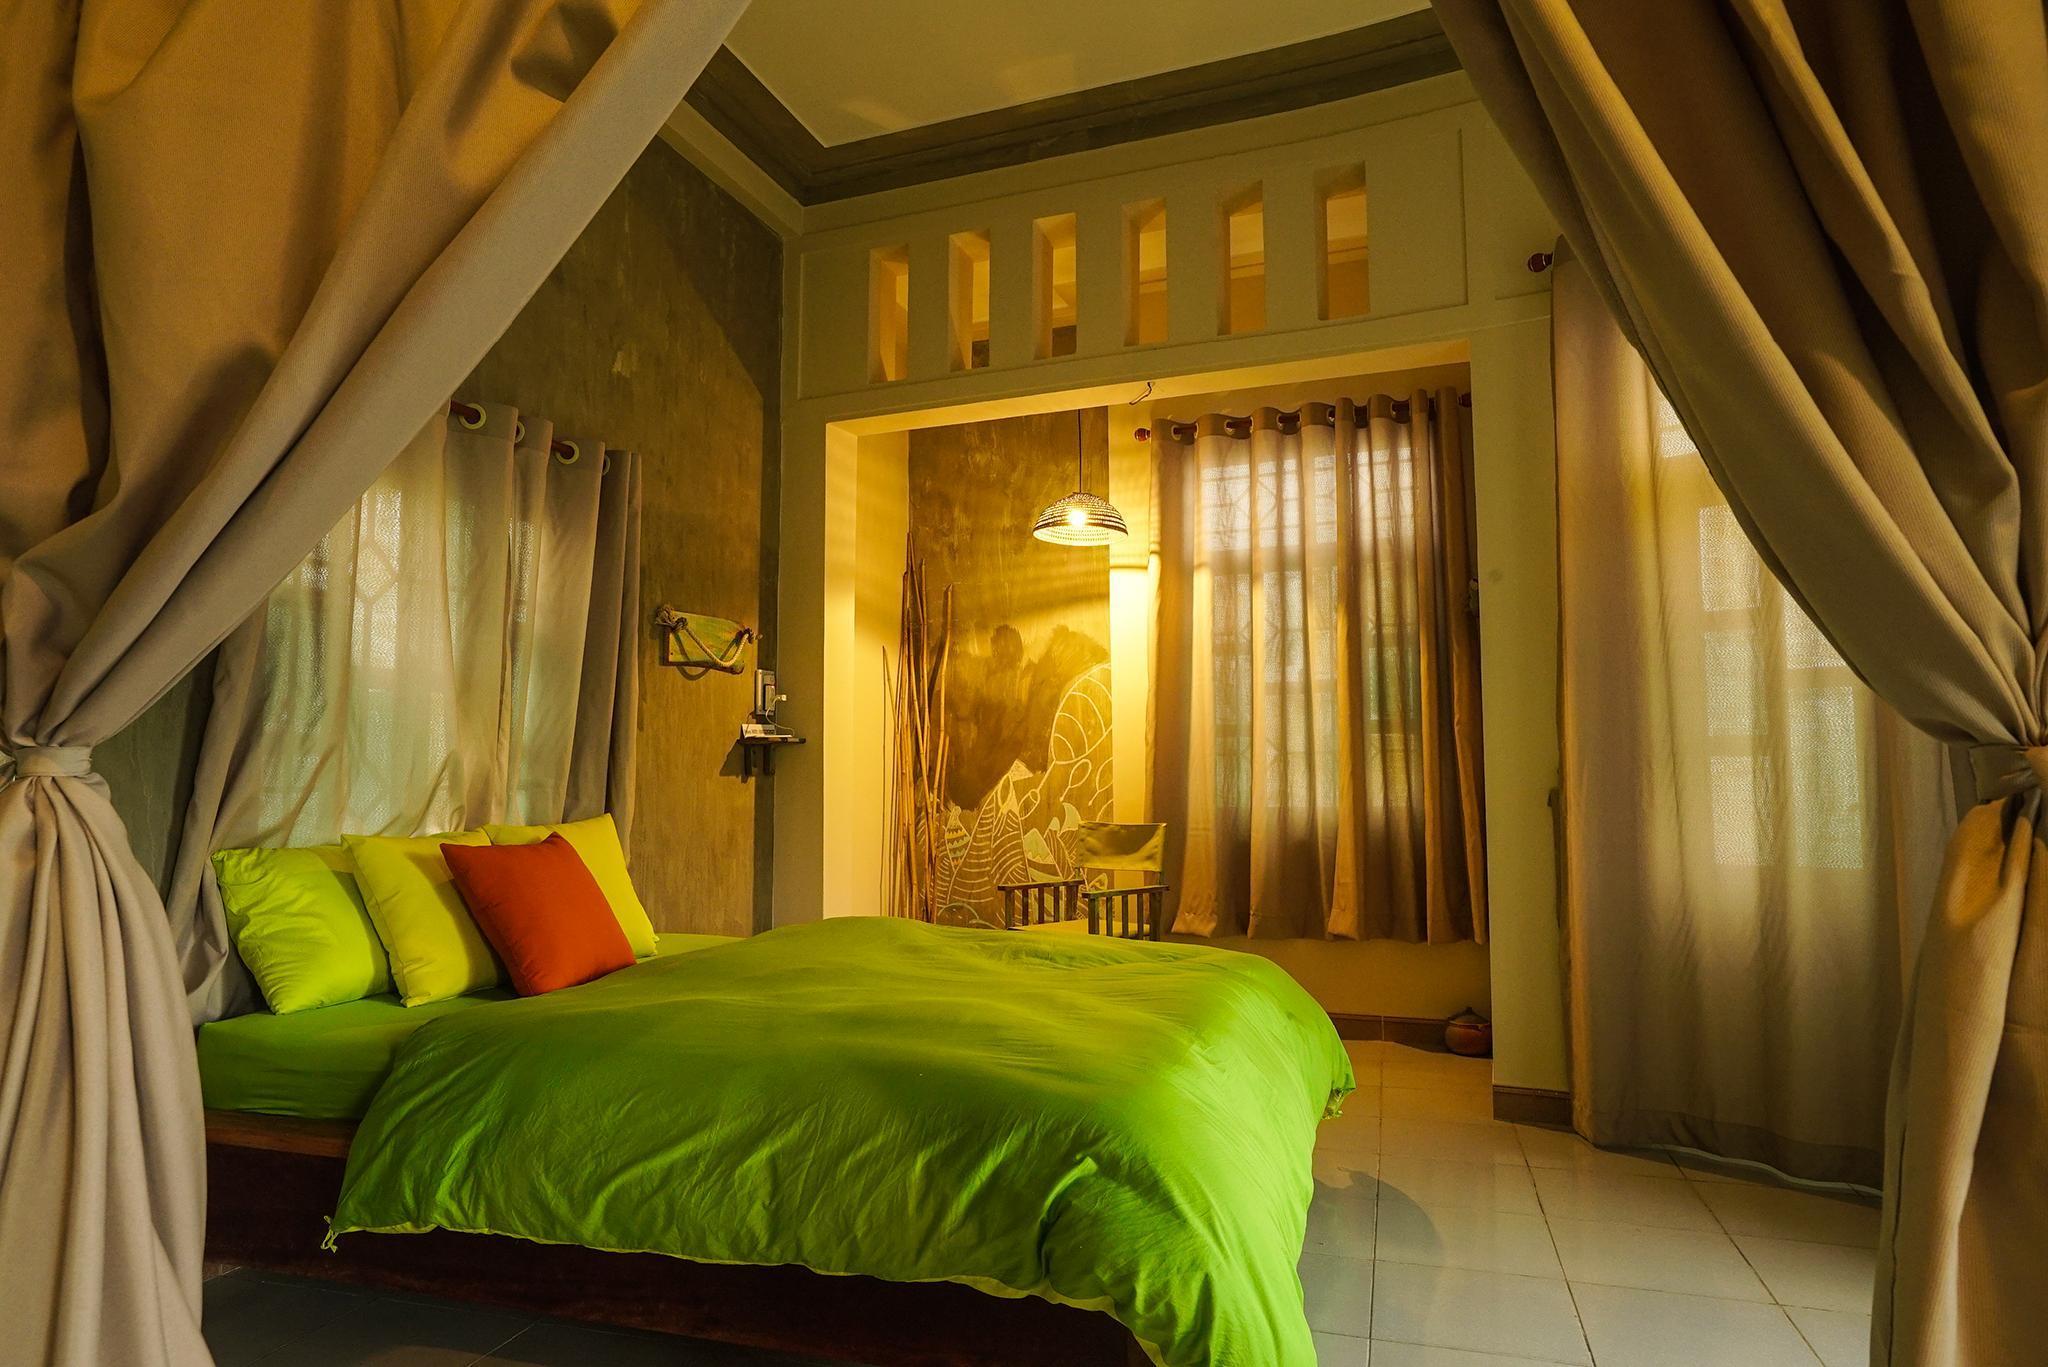 Nha homestay, Qui Nhơn